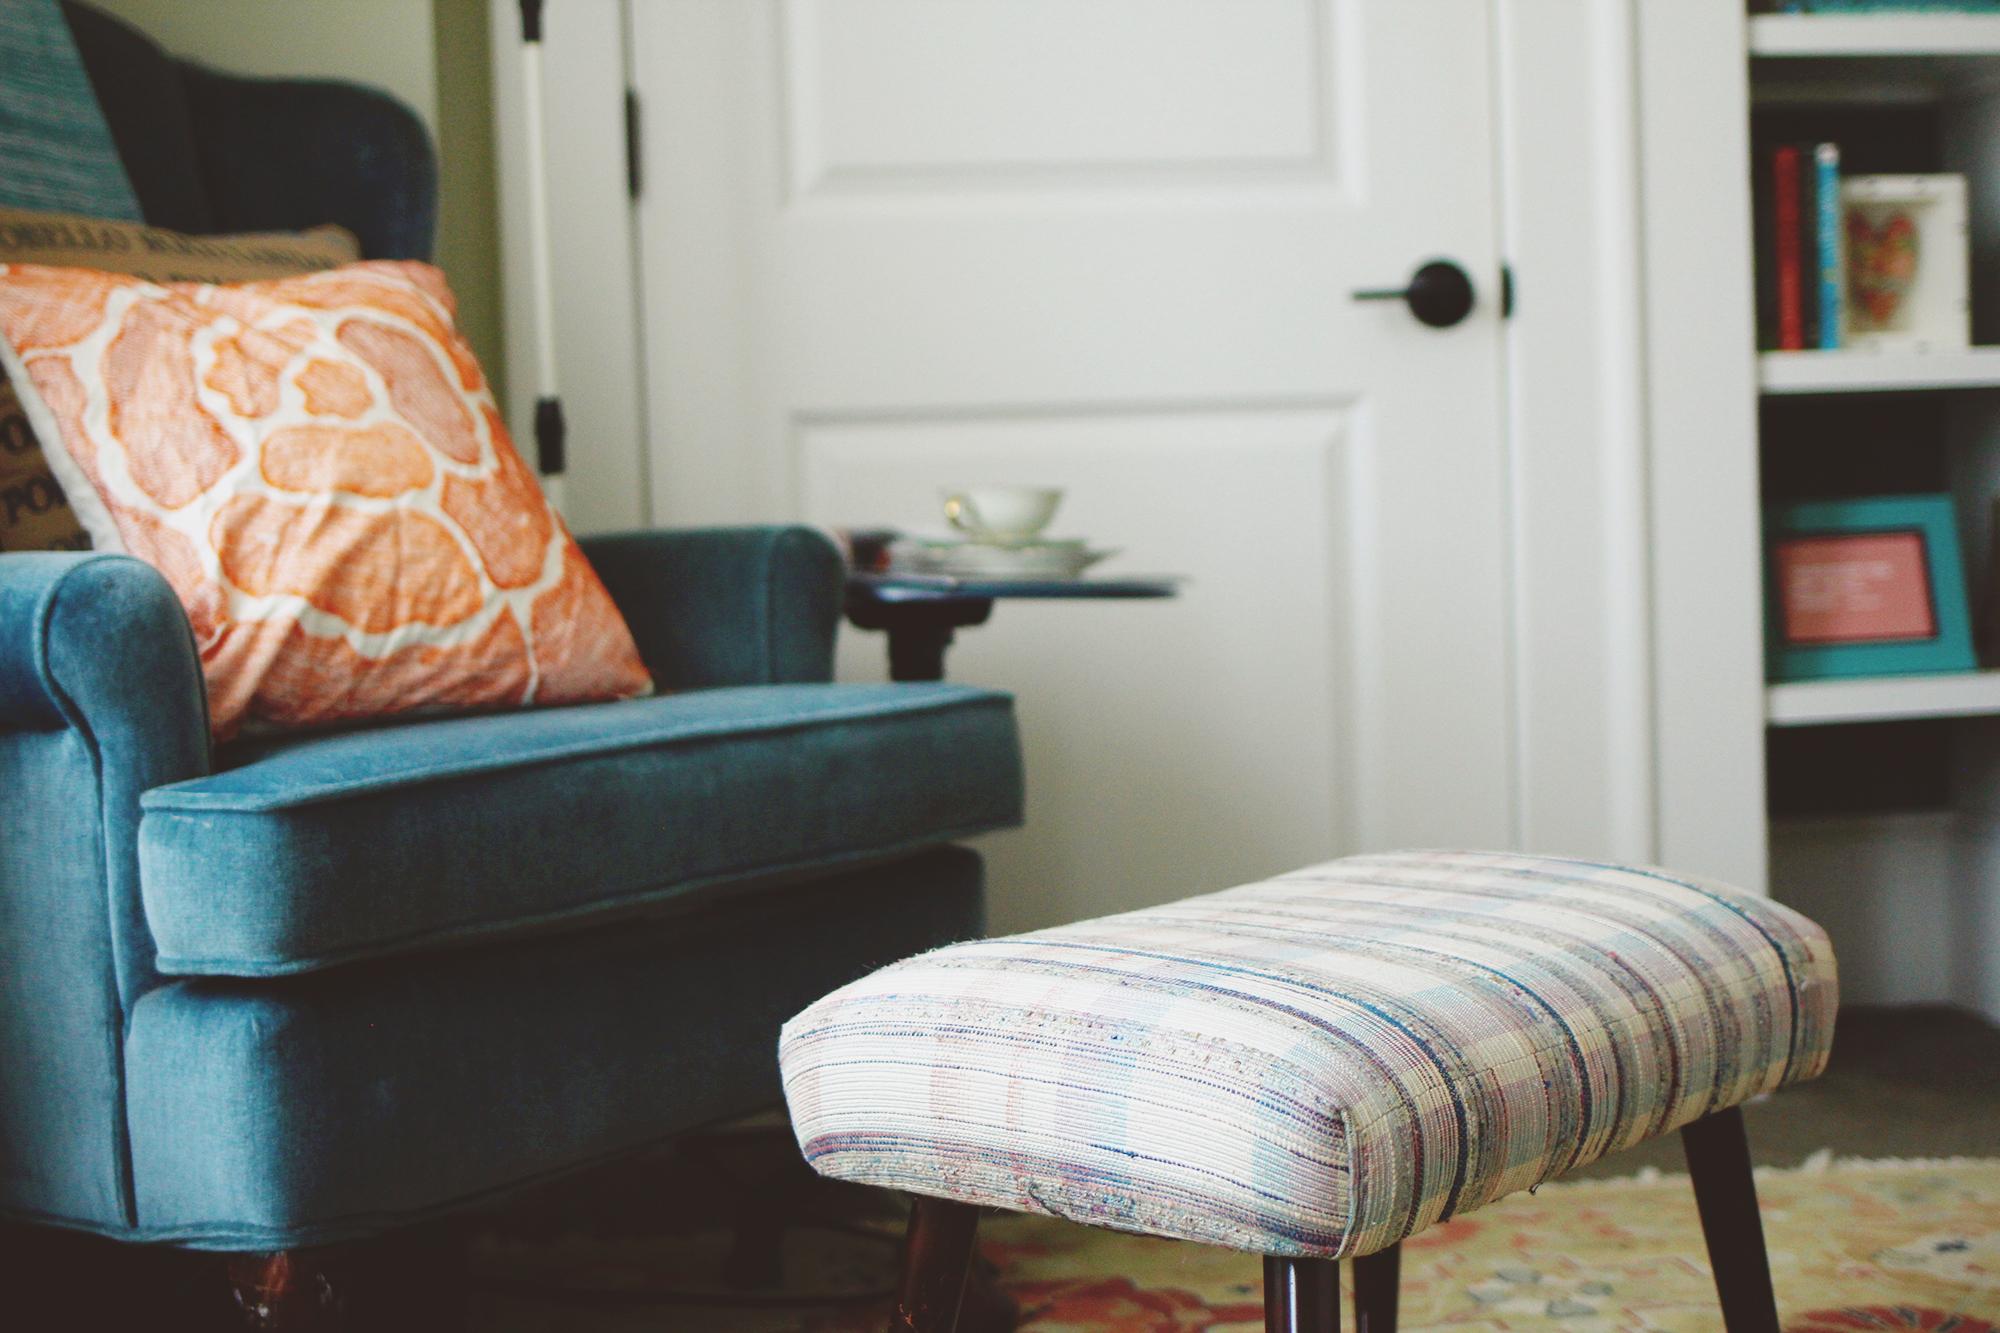 jo-torrijos-a-simpler-design-atlanta-interior-design-ajc-master-bedroom-styled-17.jpg